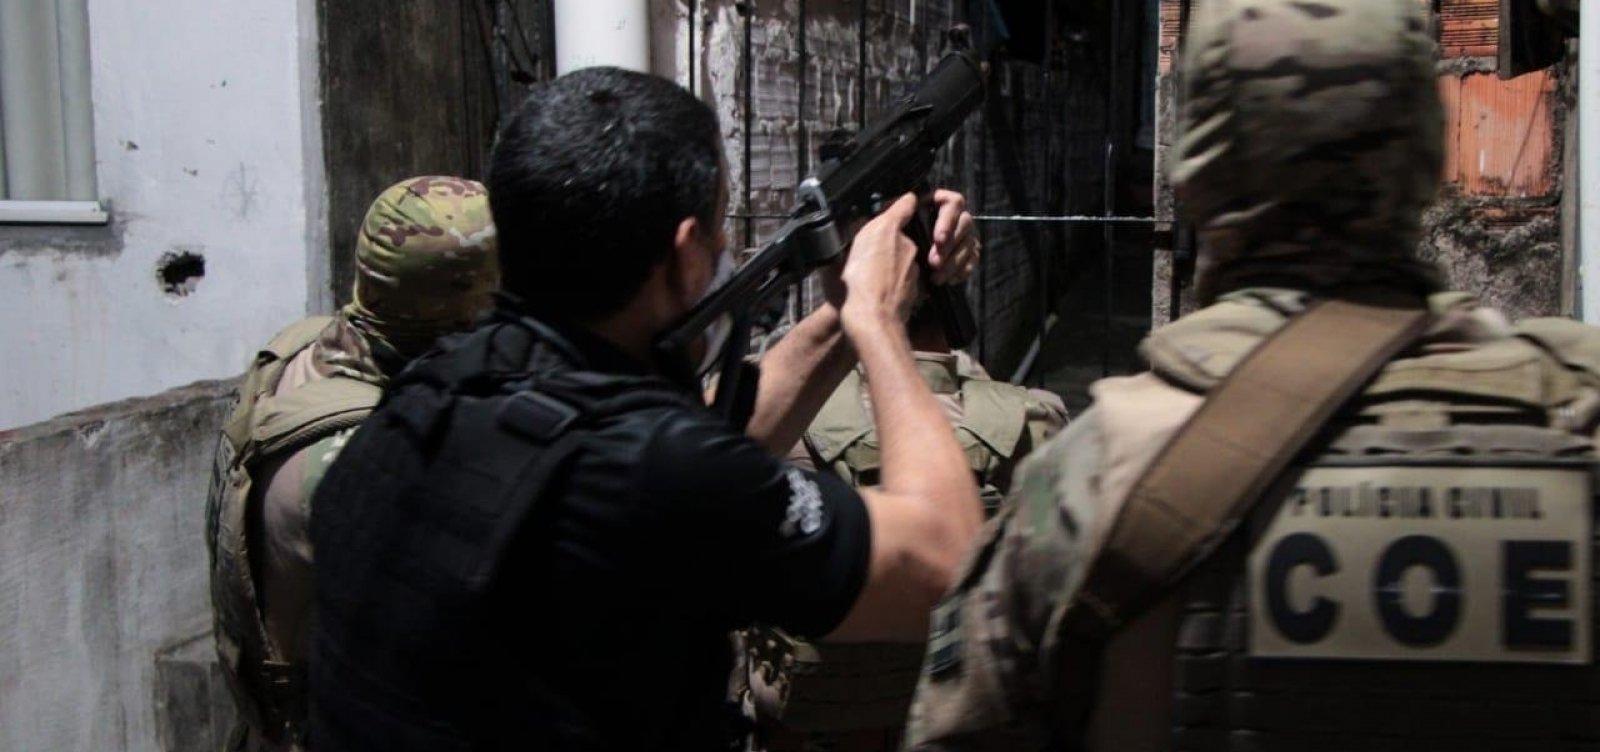 Operações da Polícia Civil prendem 18 envolvidos com grupos criminosos